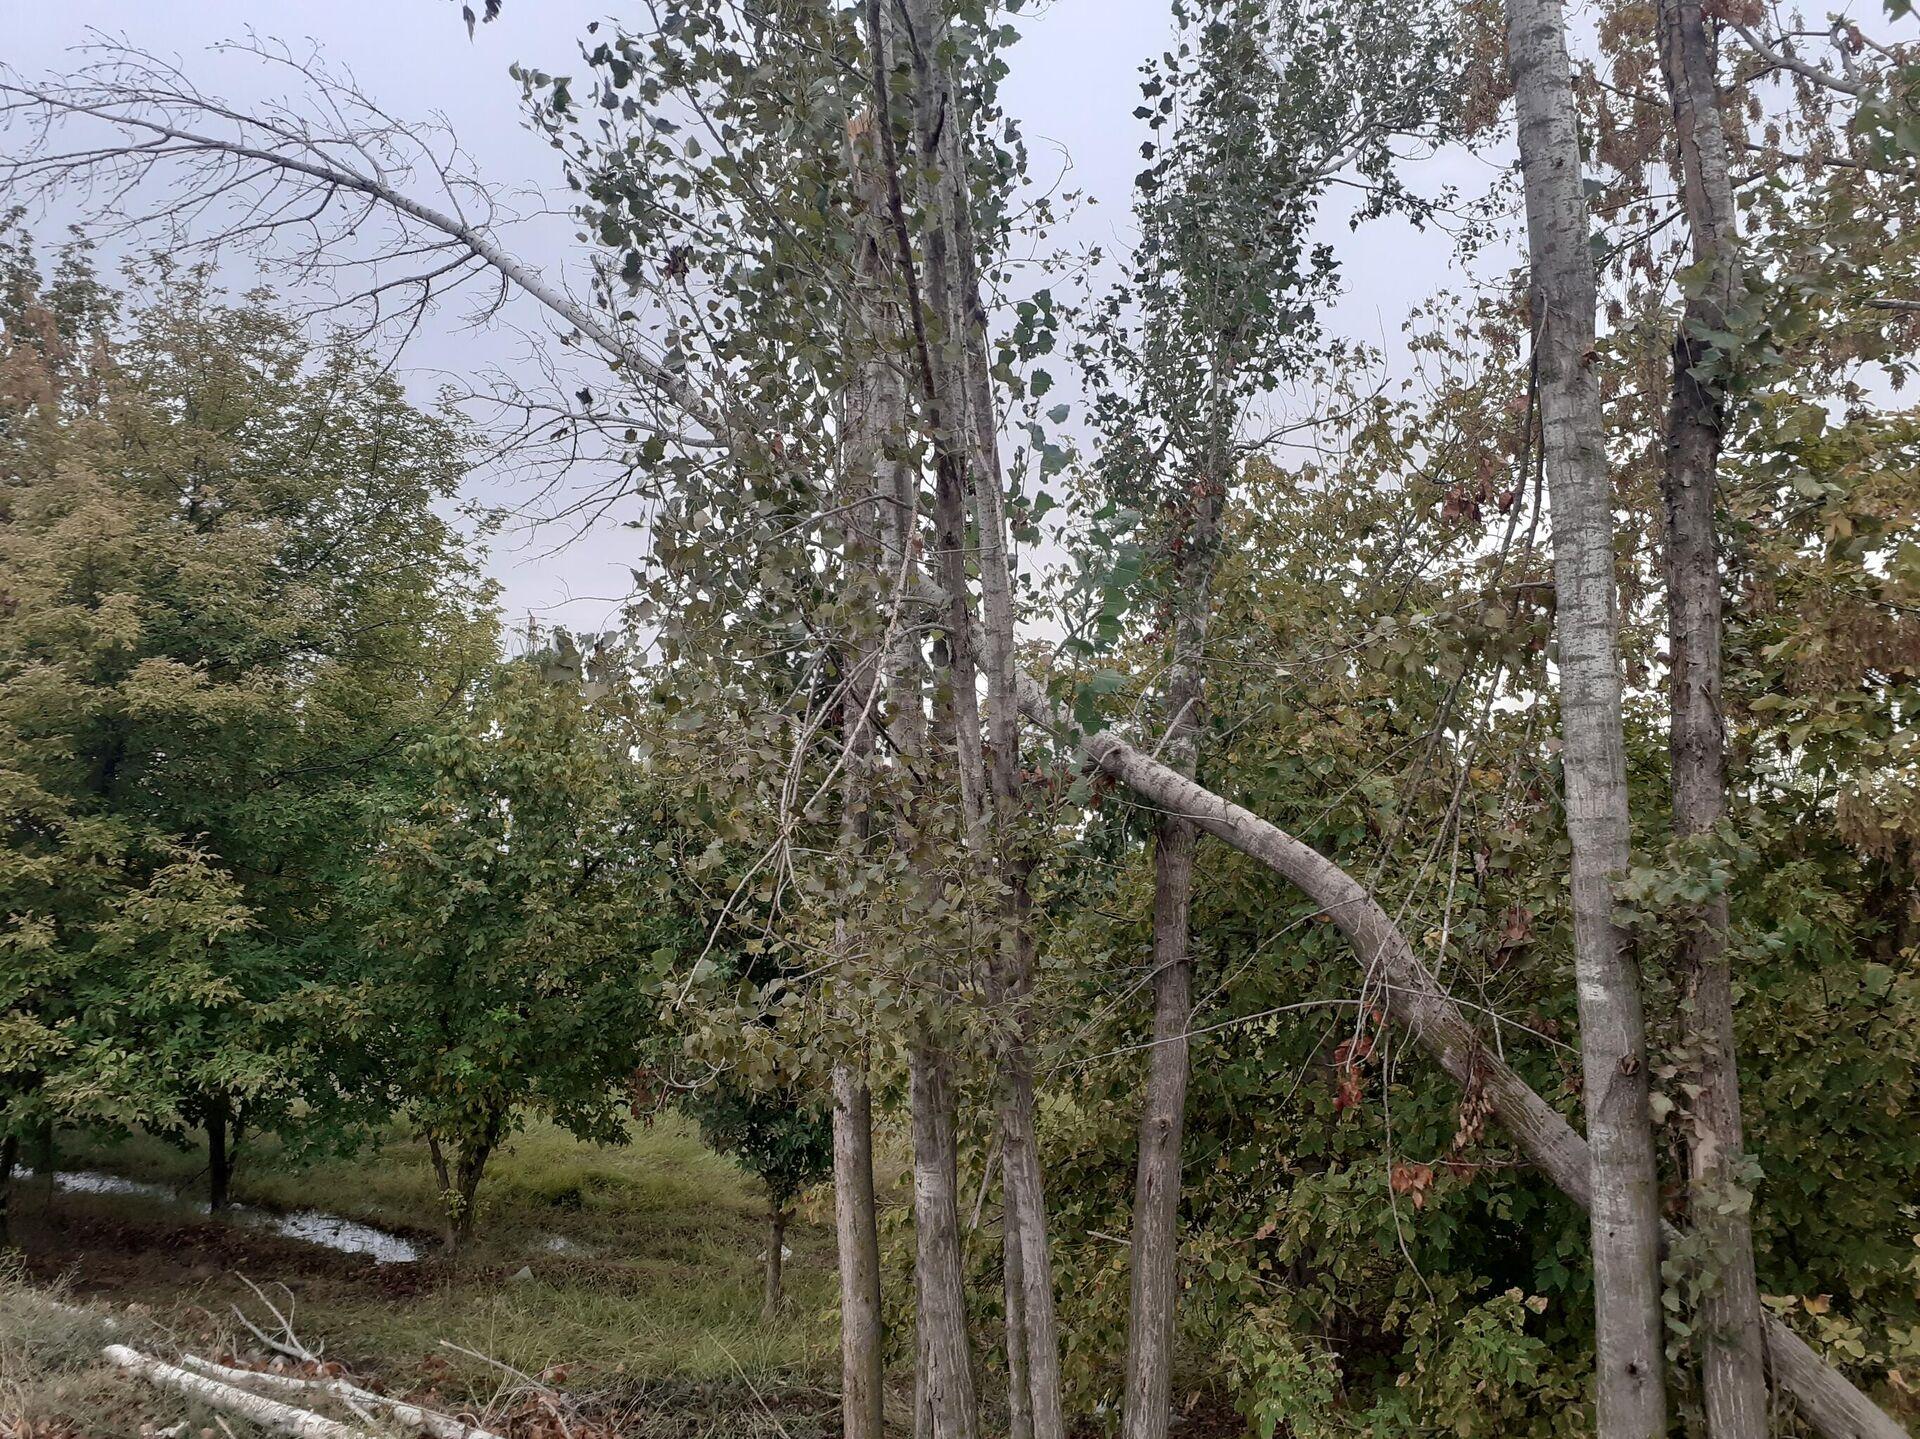 Güclü külək Yevlaxda iri ağacları aşırdıb - Sputnik Azərbaycan, 1920, 01.10.2021